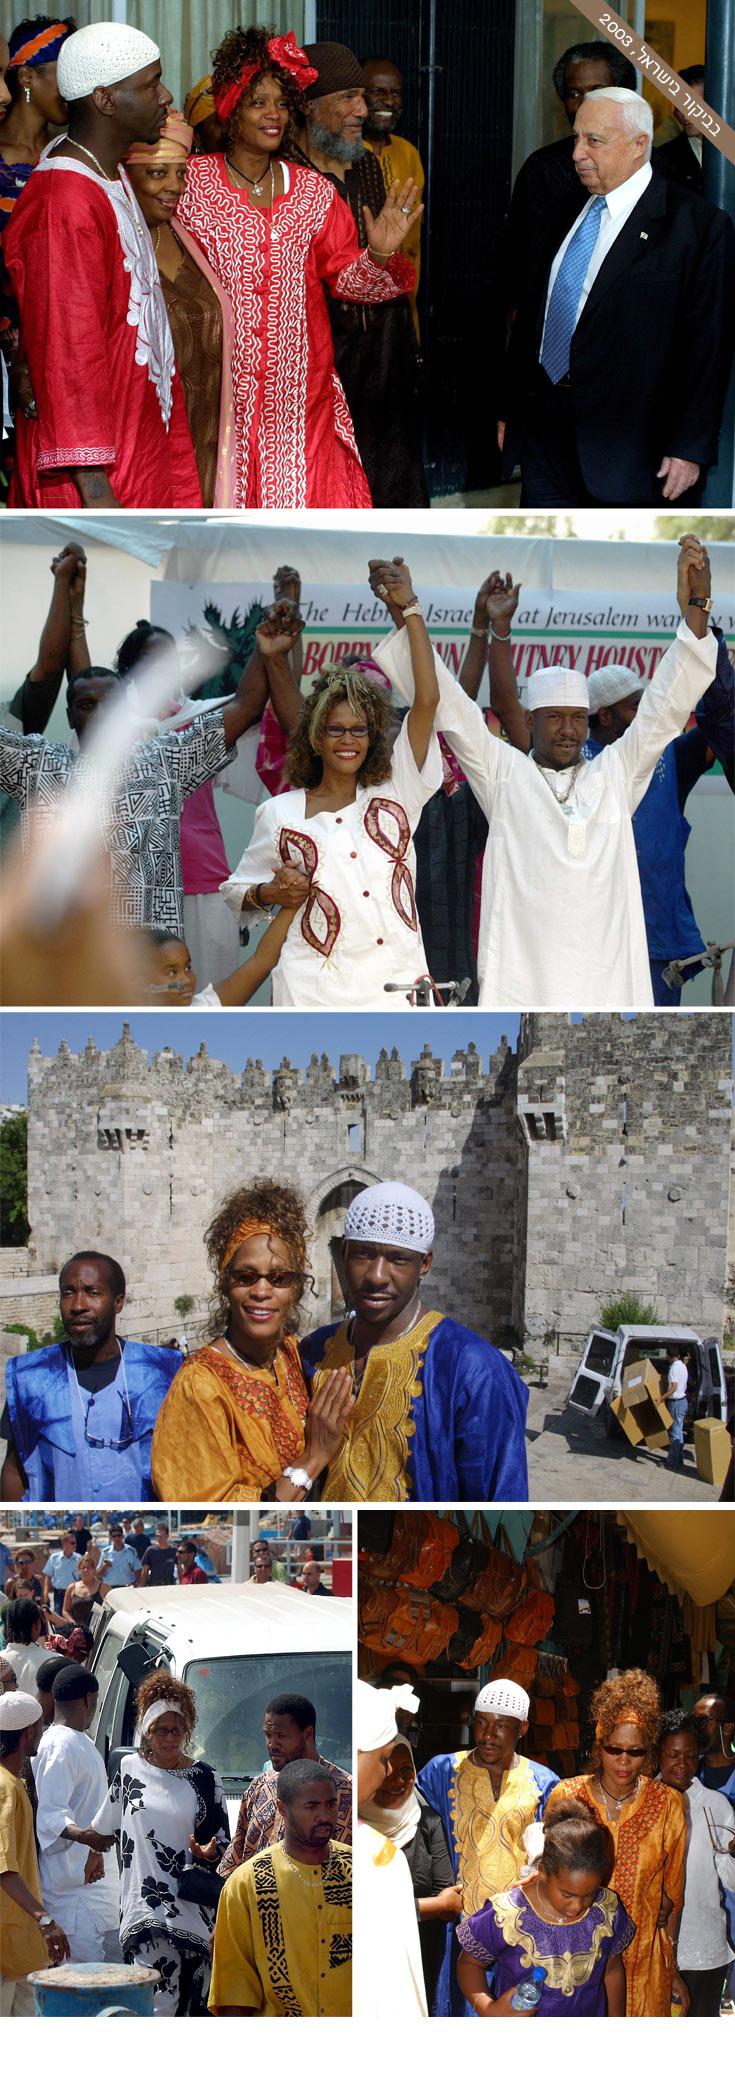 מדינת ישראל לא ידעה את נפשה מרוב שמחה על ביקורה של יוסטון, שסימל נקודת מפנה במראה של הכוכבת שסבלה באותם ימים, ממש כמו ישראל, ממשבר יחסי ציבור. בביקור התהדרה הזמרת בשמלות אפריקאיות, שהפגינו את גאוותה בשורשיה השחורים. השמלות, שיוצרו ועוצבו על ידי נשות קהילת העבריים בכפר שלום שבדימונה, הפכו ללהיט בינלאומי, כאשר גם אופרה ווינפרי וסטיבי וונדר אימצו אותן (צילום: gettyimages)